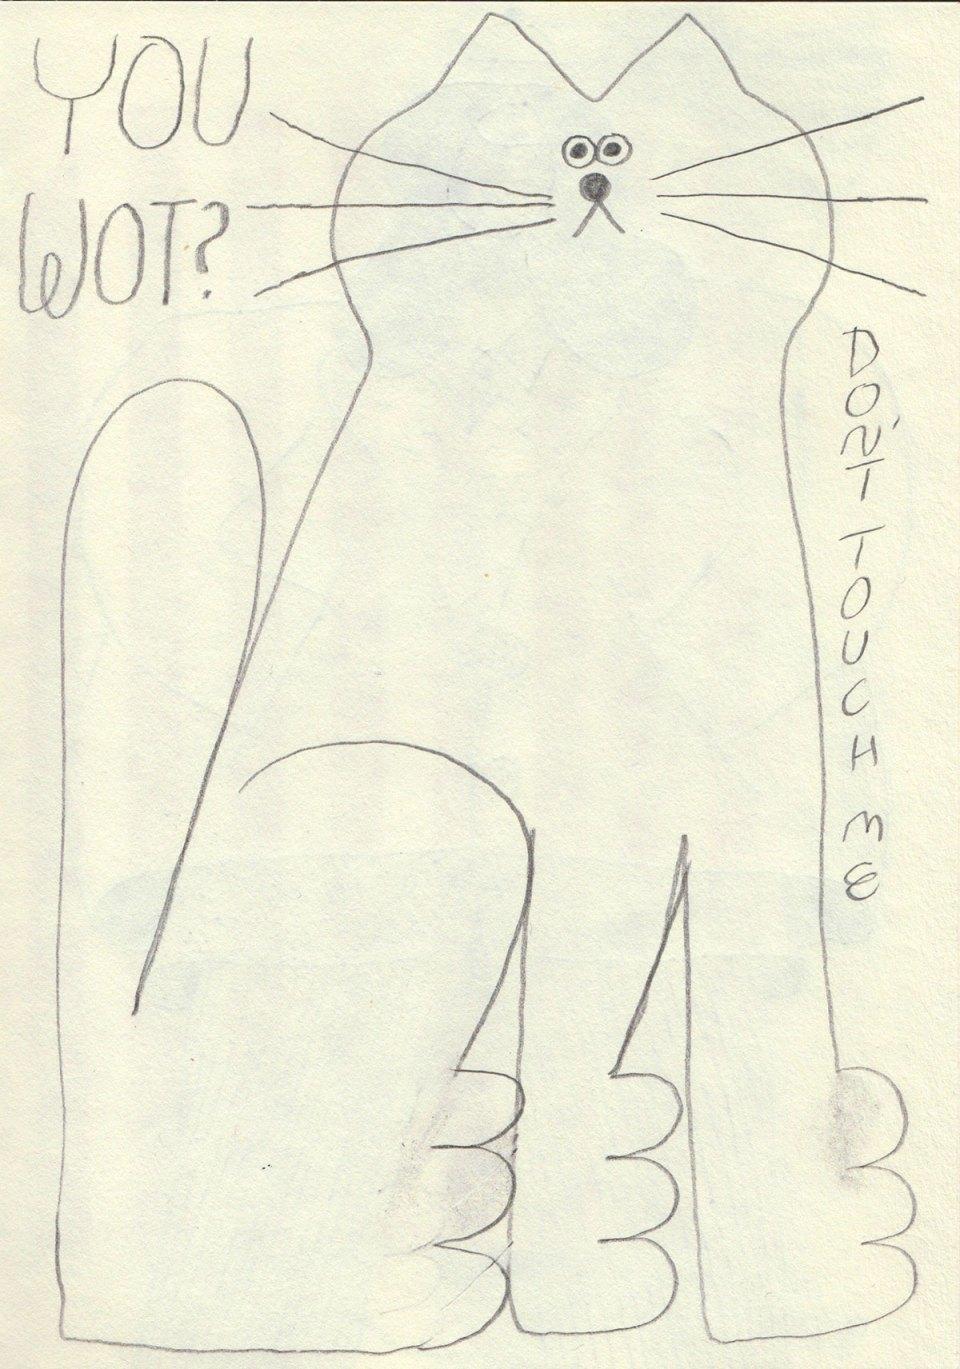 You wot t-shirt design sketch